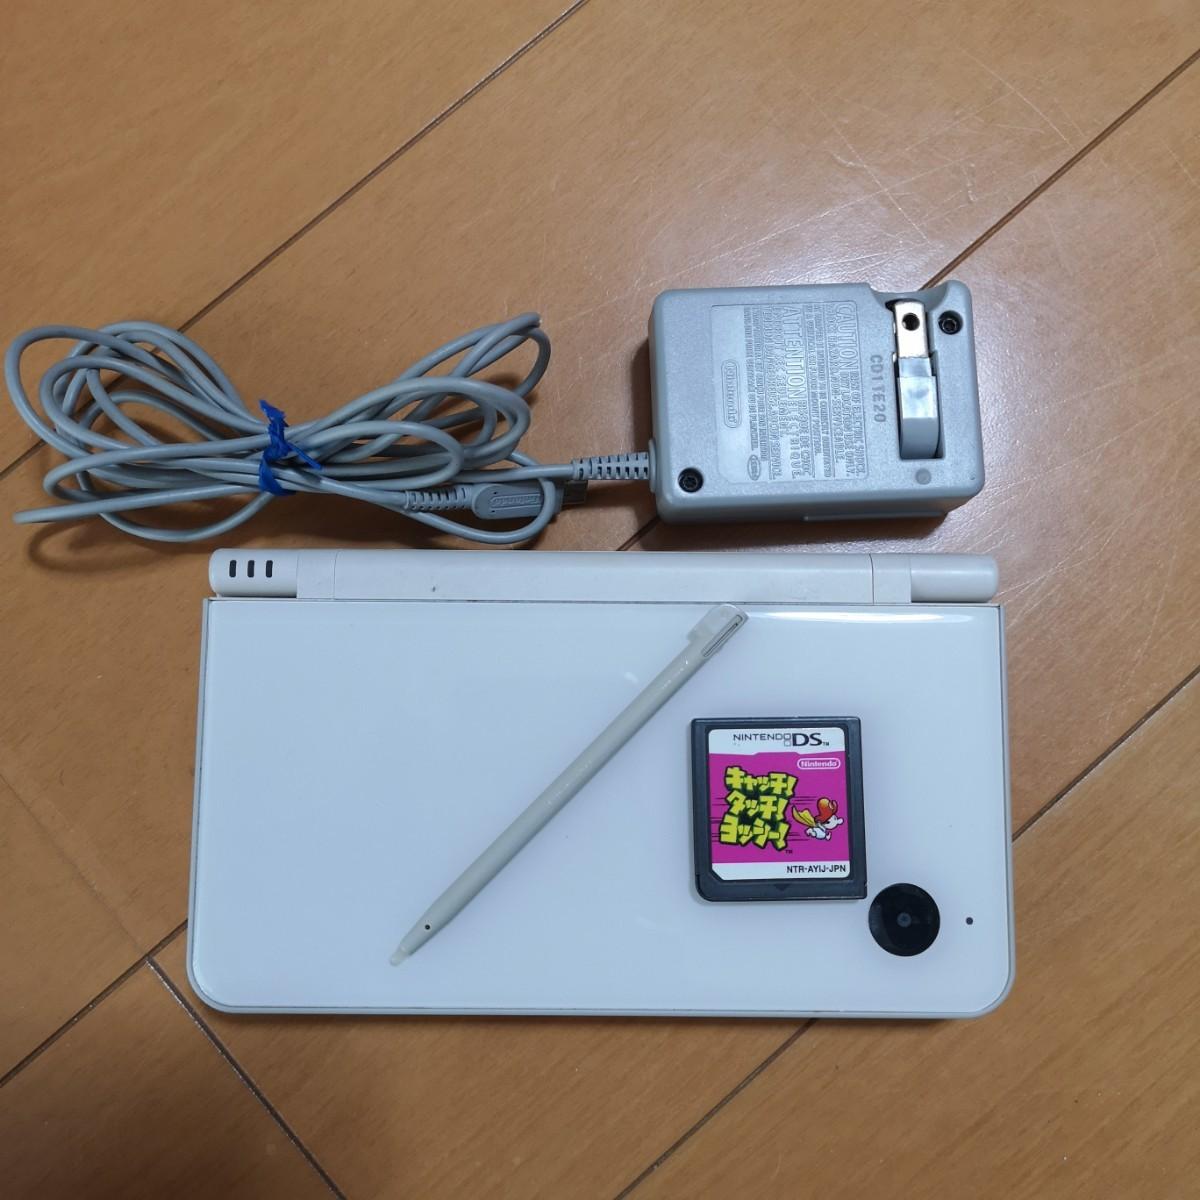 ニンテンドーDSi LL ソフト1つ 充電器付き